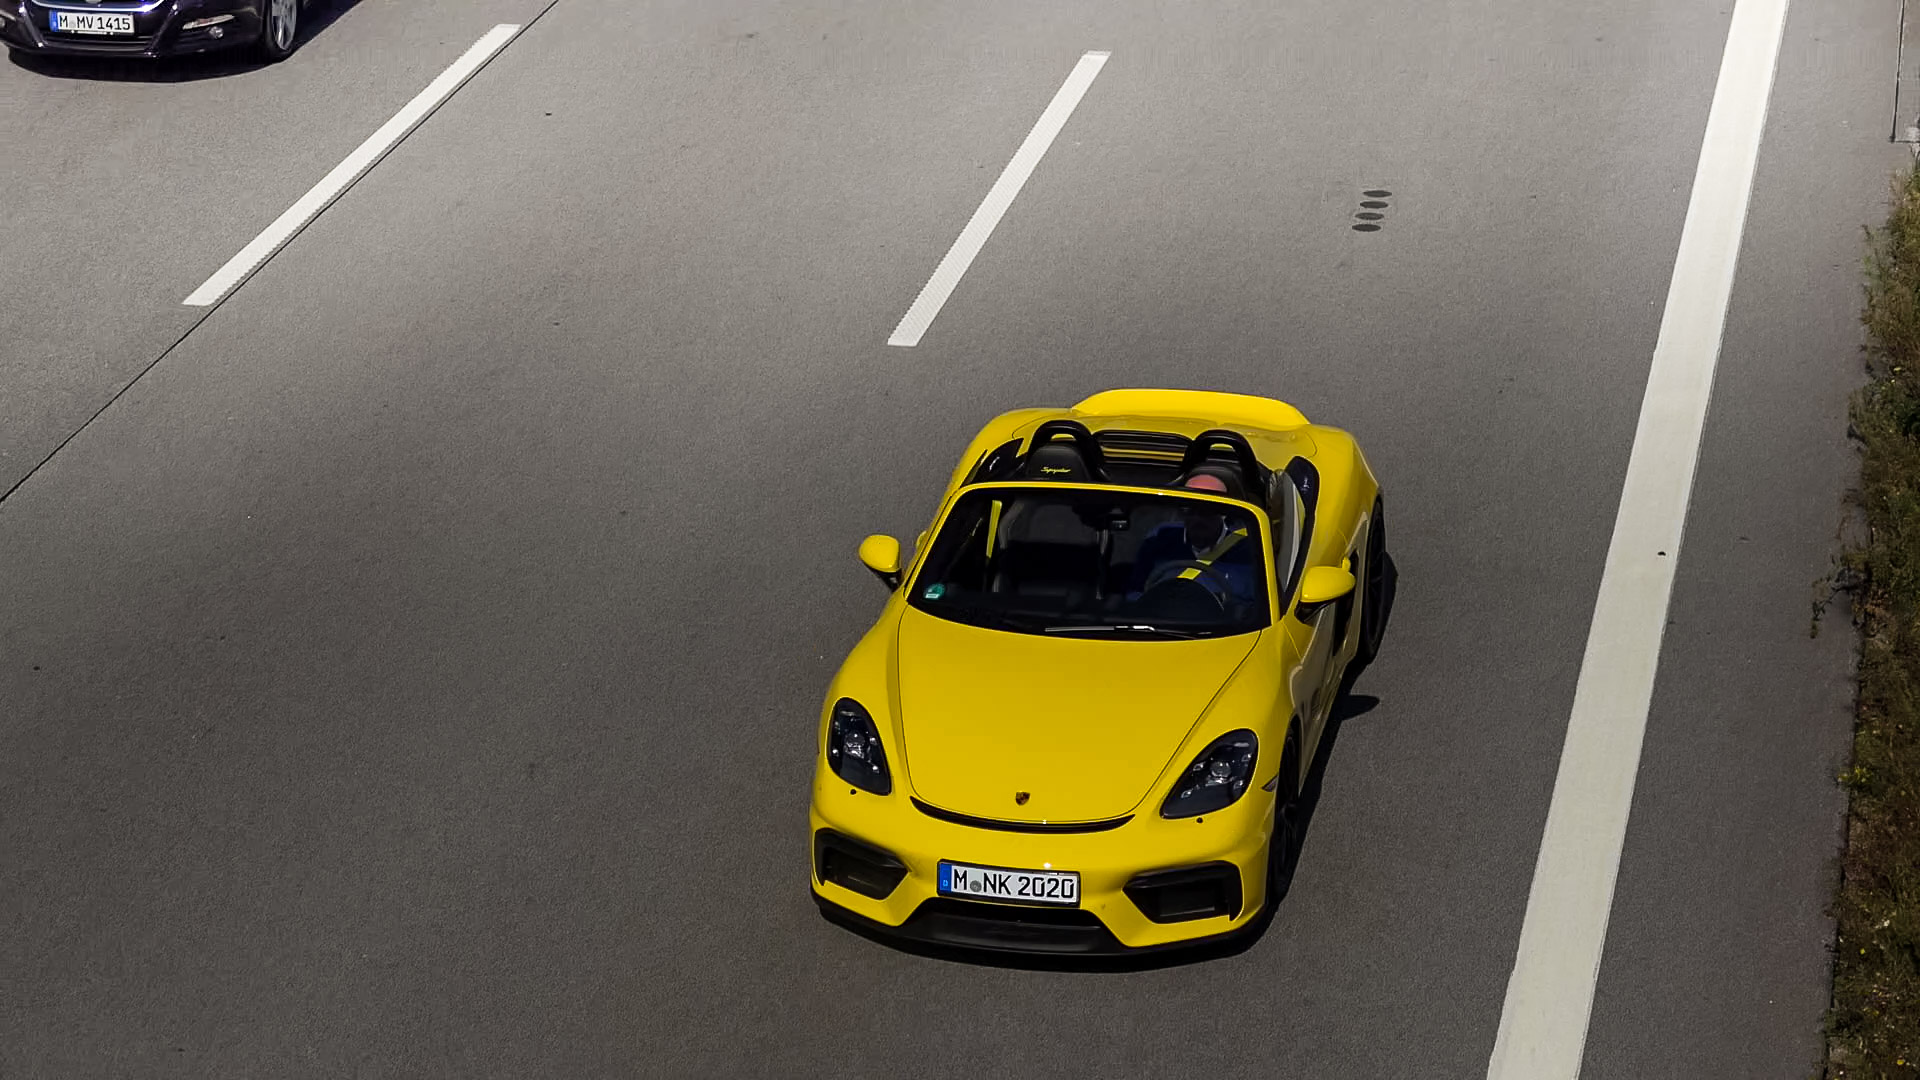 Porsche 718 Spyder - M-NK-2020